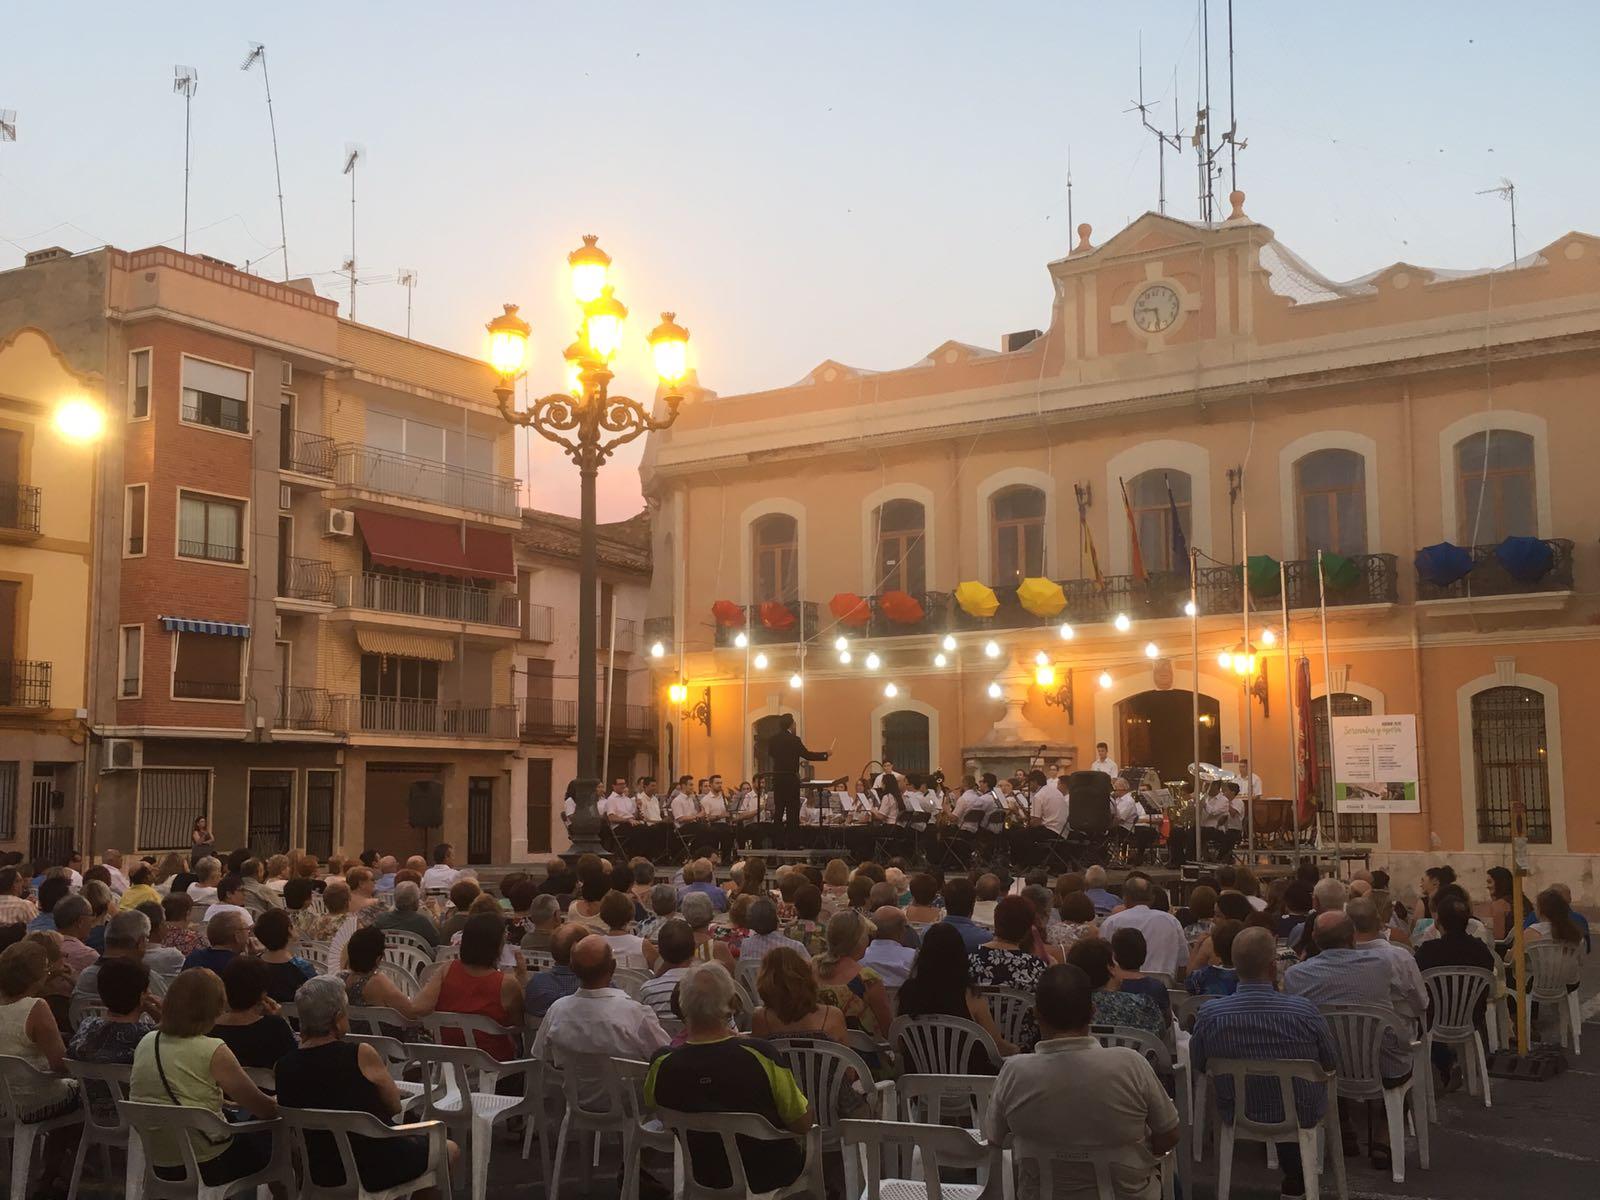 """El acto contó con la participación de la Banda Sinfónica Sociedad Musical """"La Primitiva Setabense"""" de Xàtiva y la Banda Sinfónica """"La Lira"""" de Cheste"""